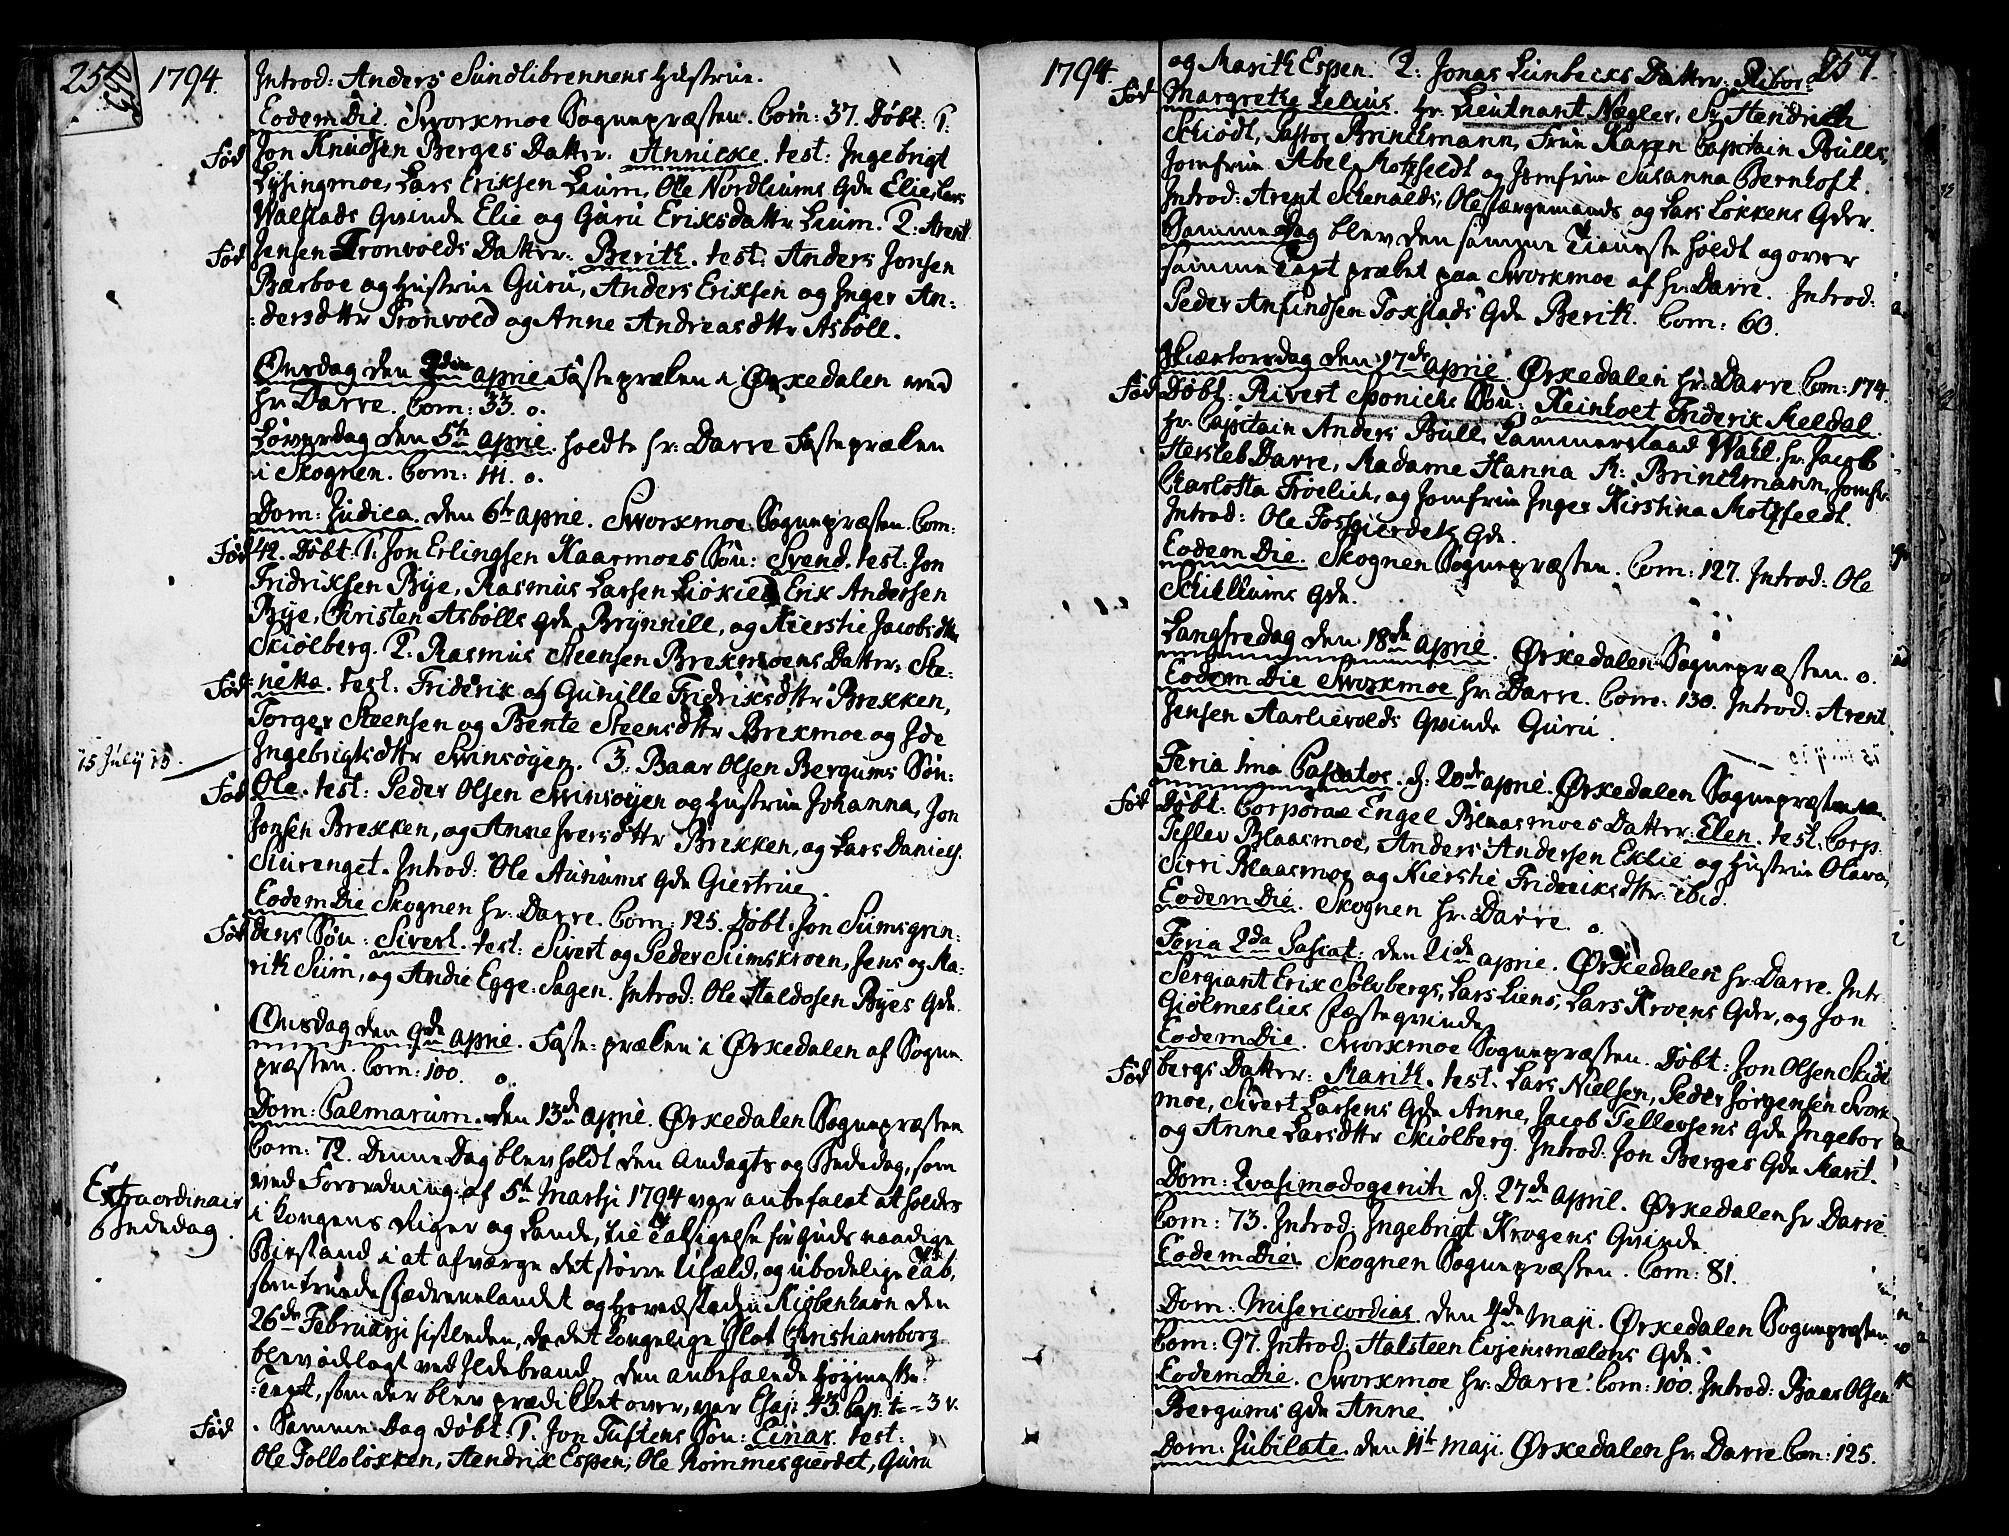 SAT, Ministerialprotokoller, klokkerbøker og fødselsregistre - Sør-Trøndelag, 668/L0802: Ministerialbok nr. 668A02, 1776-1799, s. 256-257